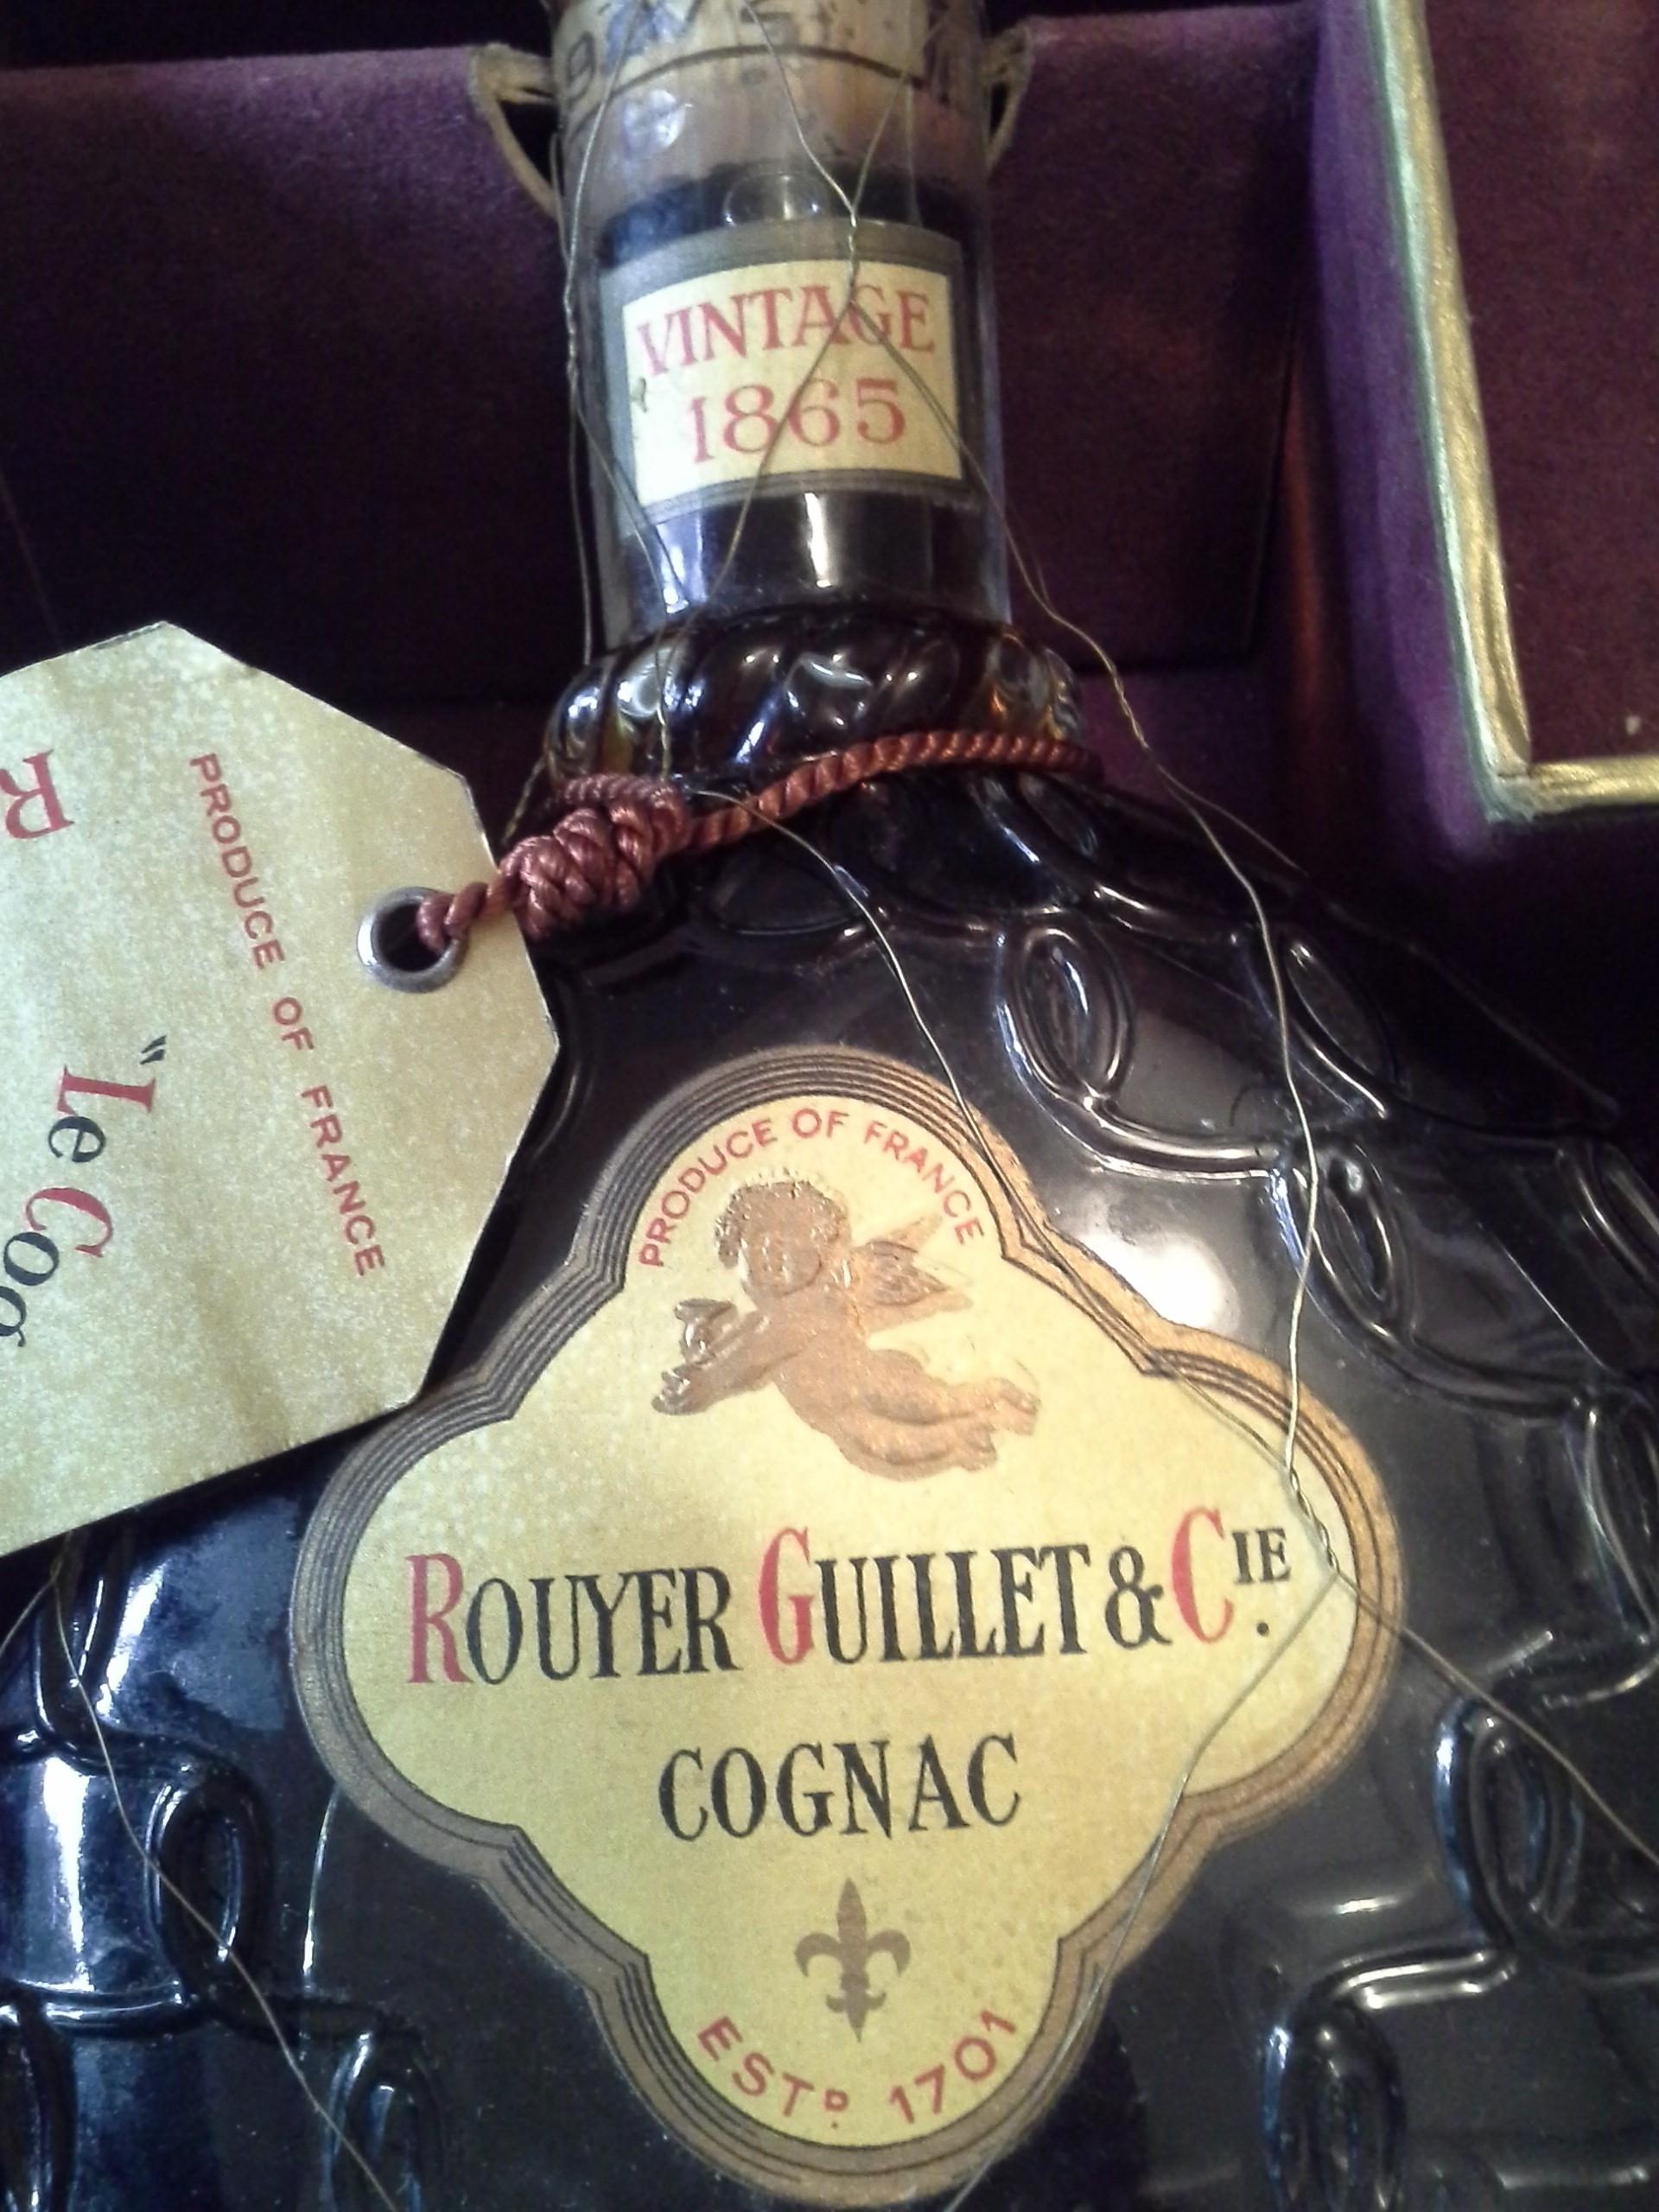 Rouyer Guillet Cognac